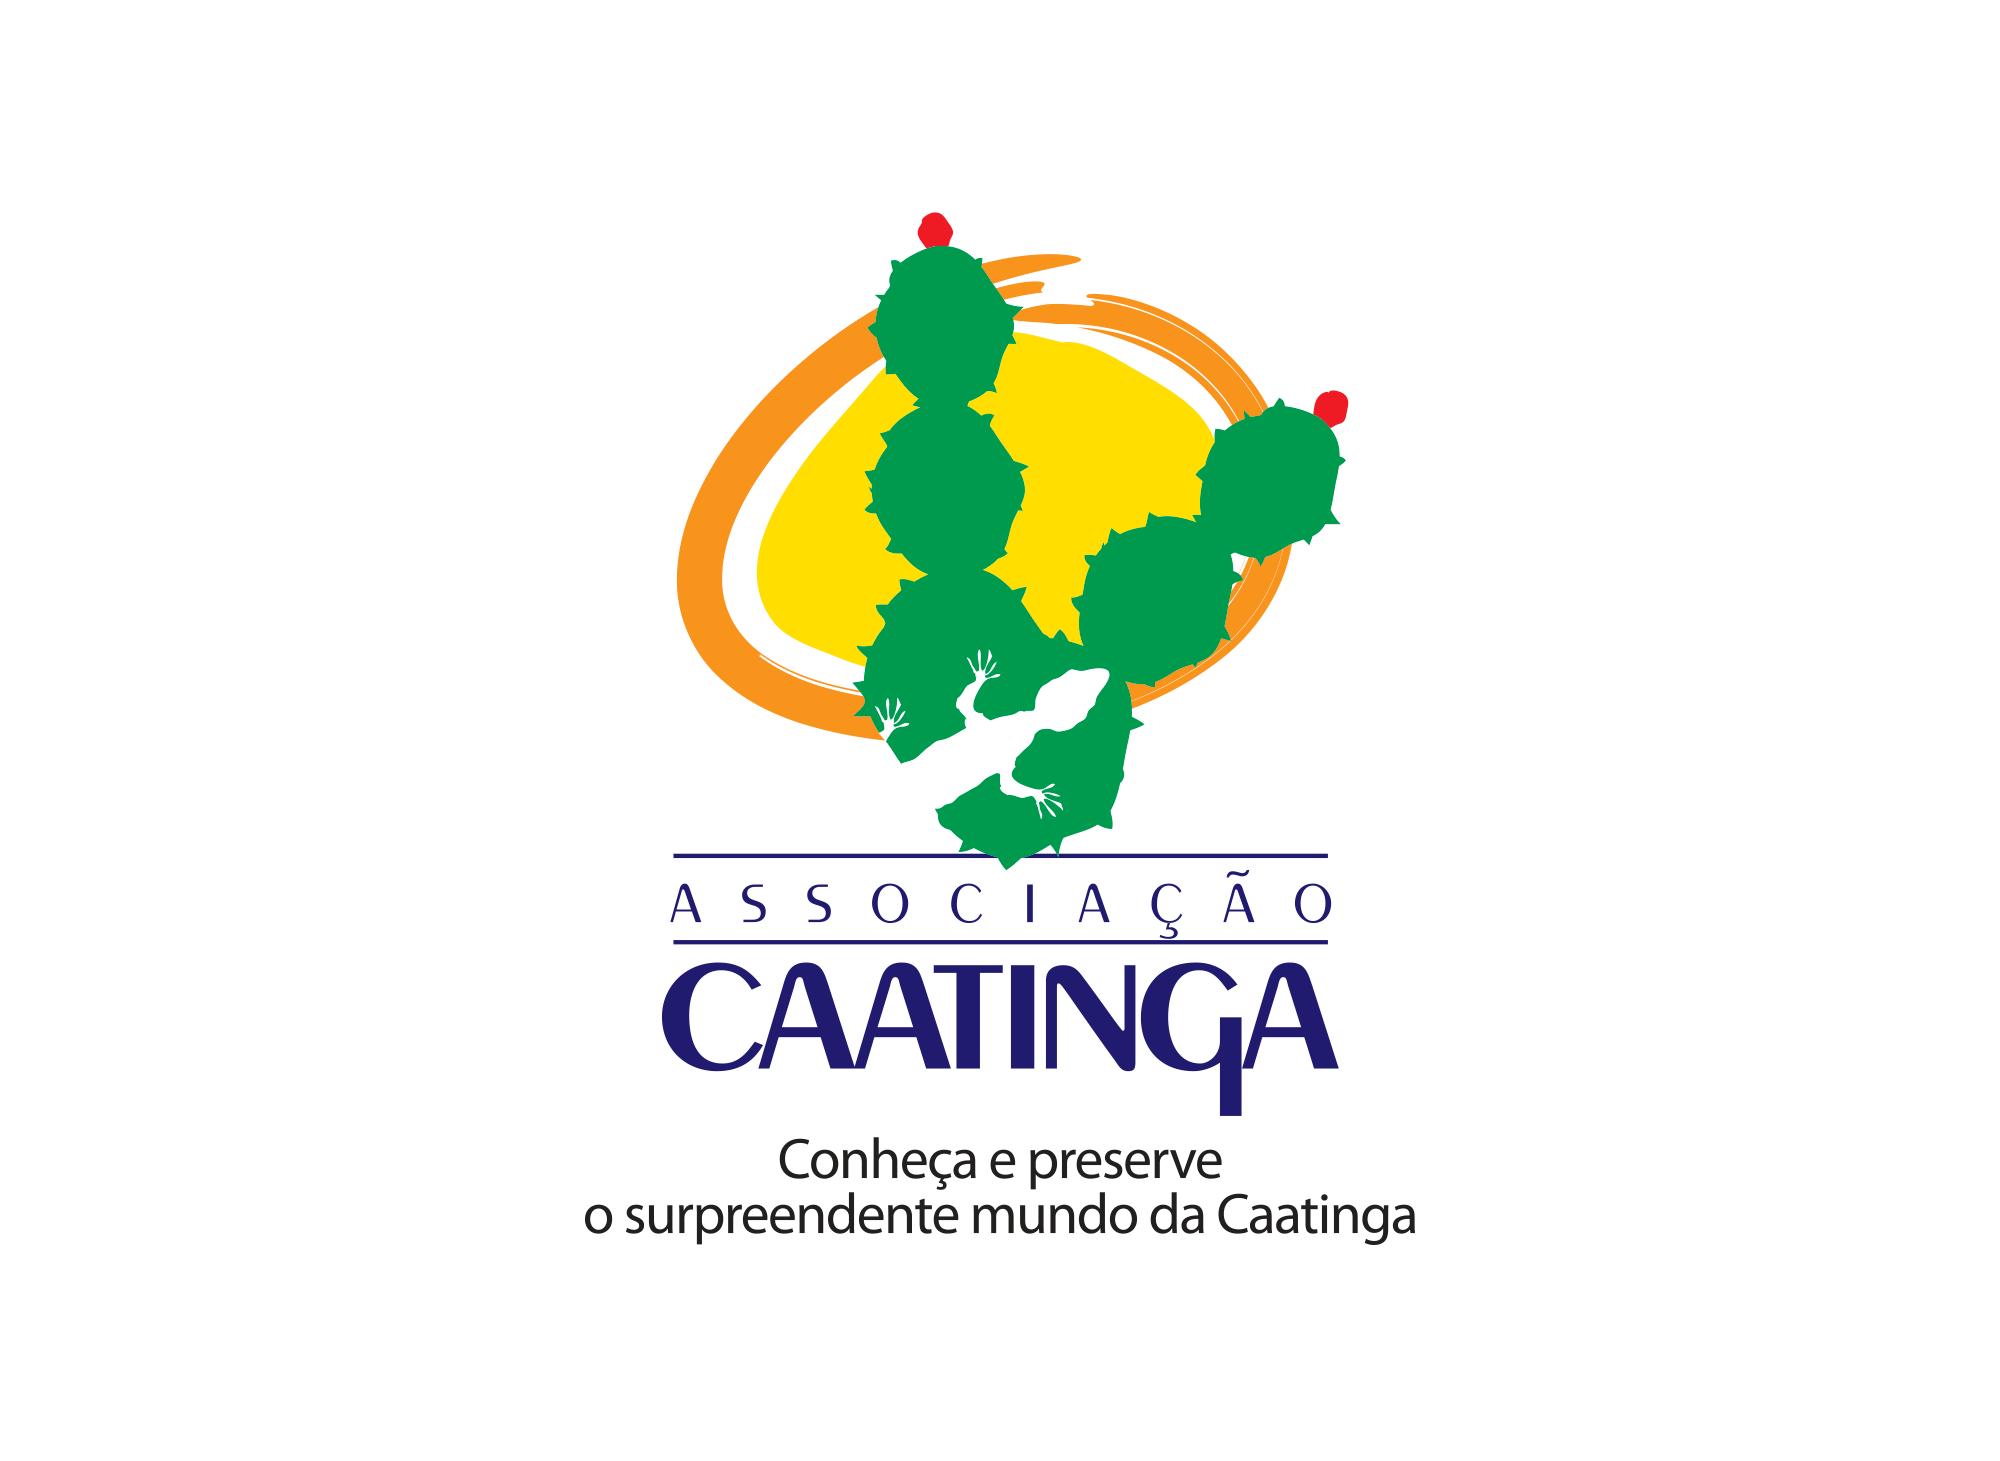 associacao-caatinga-clientes-atendidos-agencia-diretriz-digital-marketing-fortaleza